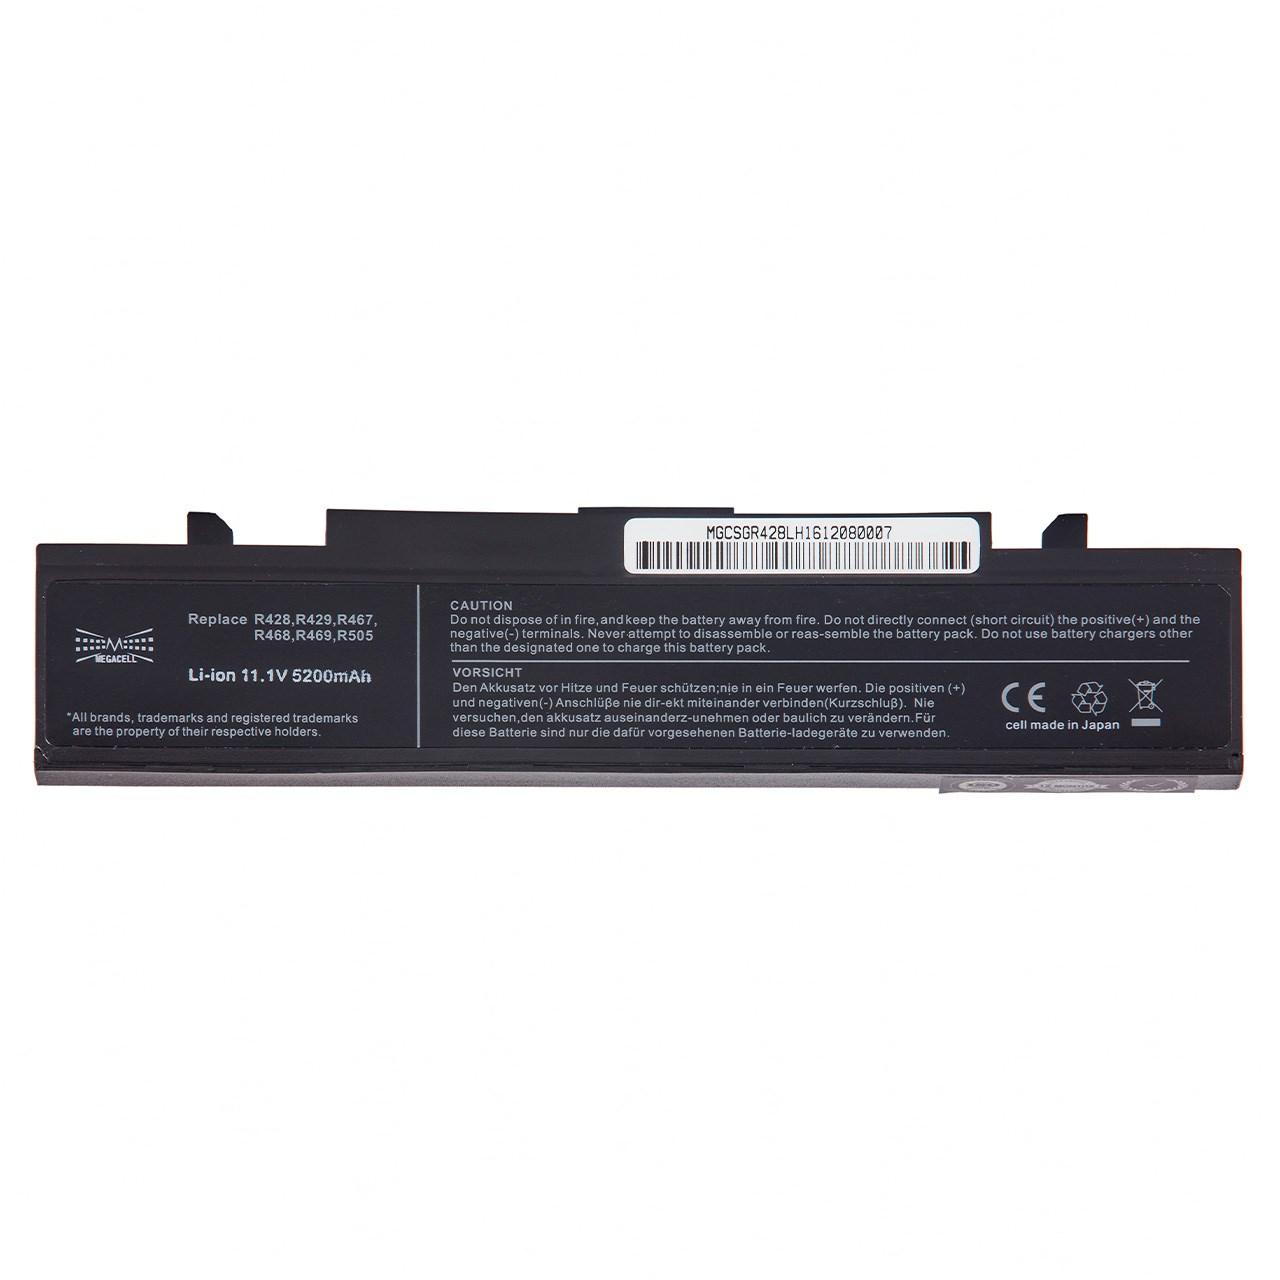 باتری 6 سلولی مگاسل مدل R470 مناسب برای لپ تاپ سامسونگ